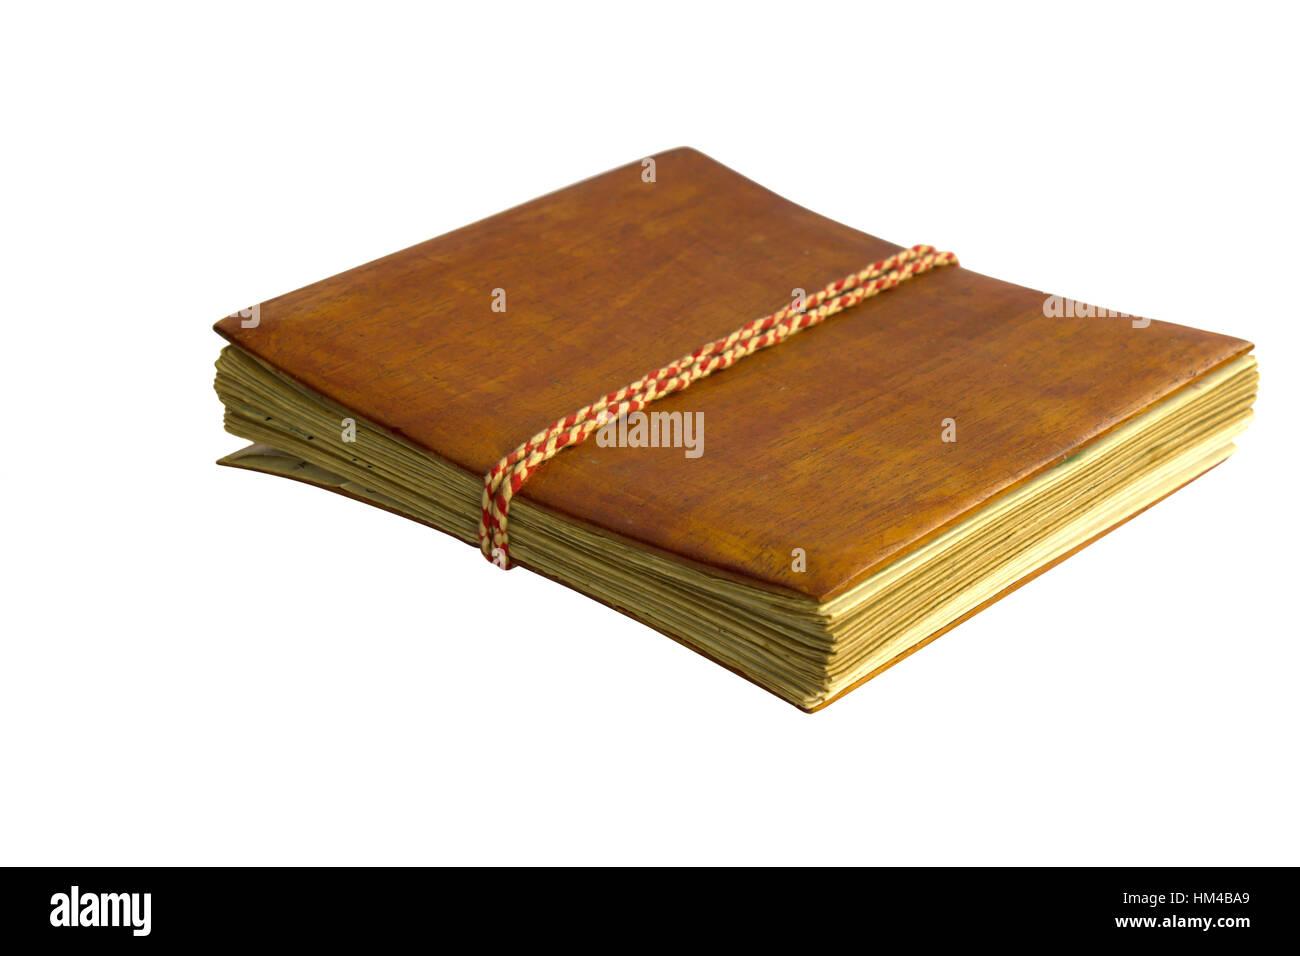 Copertura In Legno Isolata : Copertura di legno immagini & copertura di legno fotos stock alamy